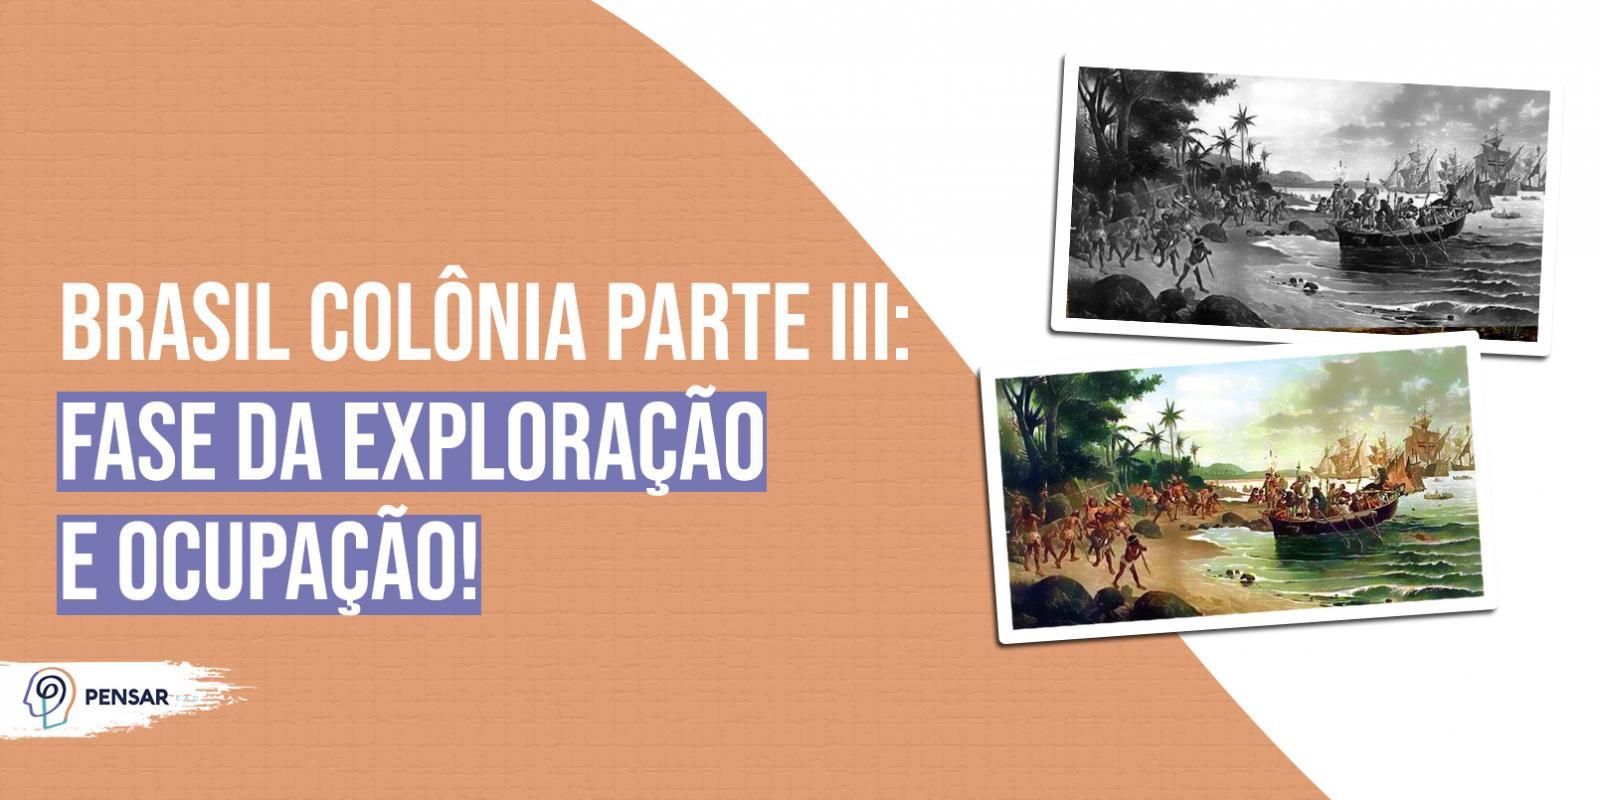 Brasil Colônia parte III: fase da exploração e ocupação!